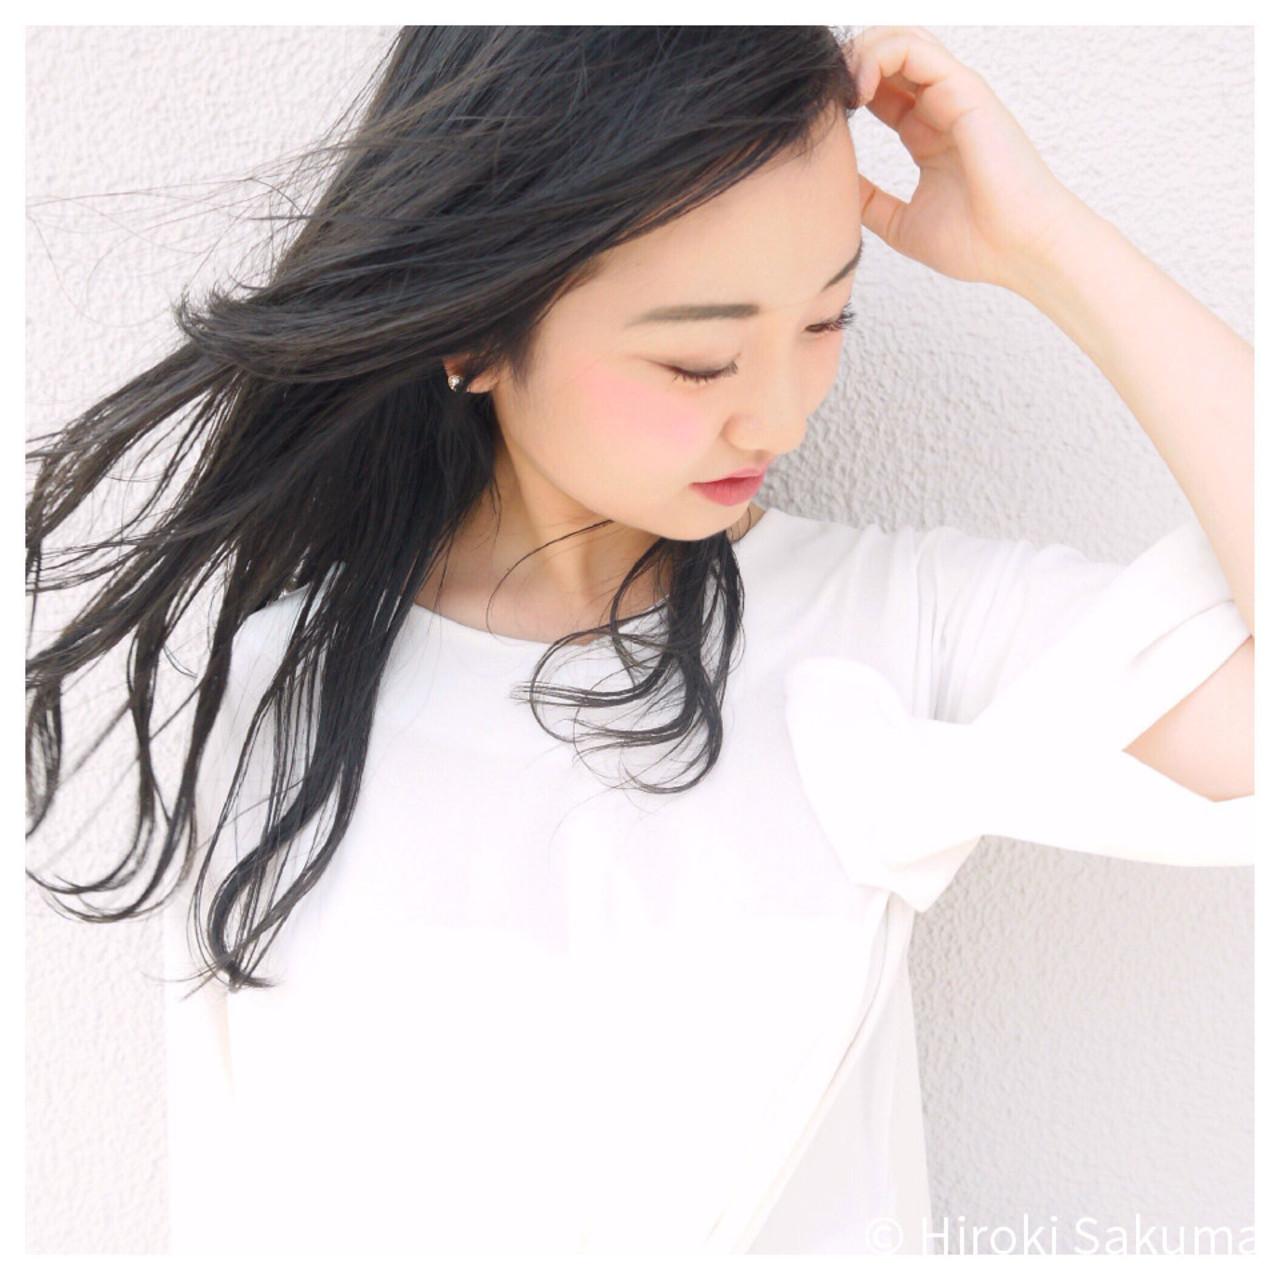 かきあげバングでセクシーな雰囲気を漂わせて Hiroki Sakuma【morio原宿】